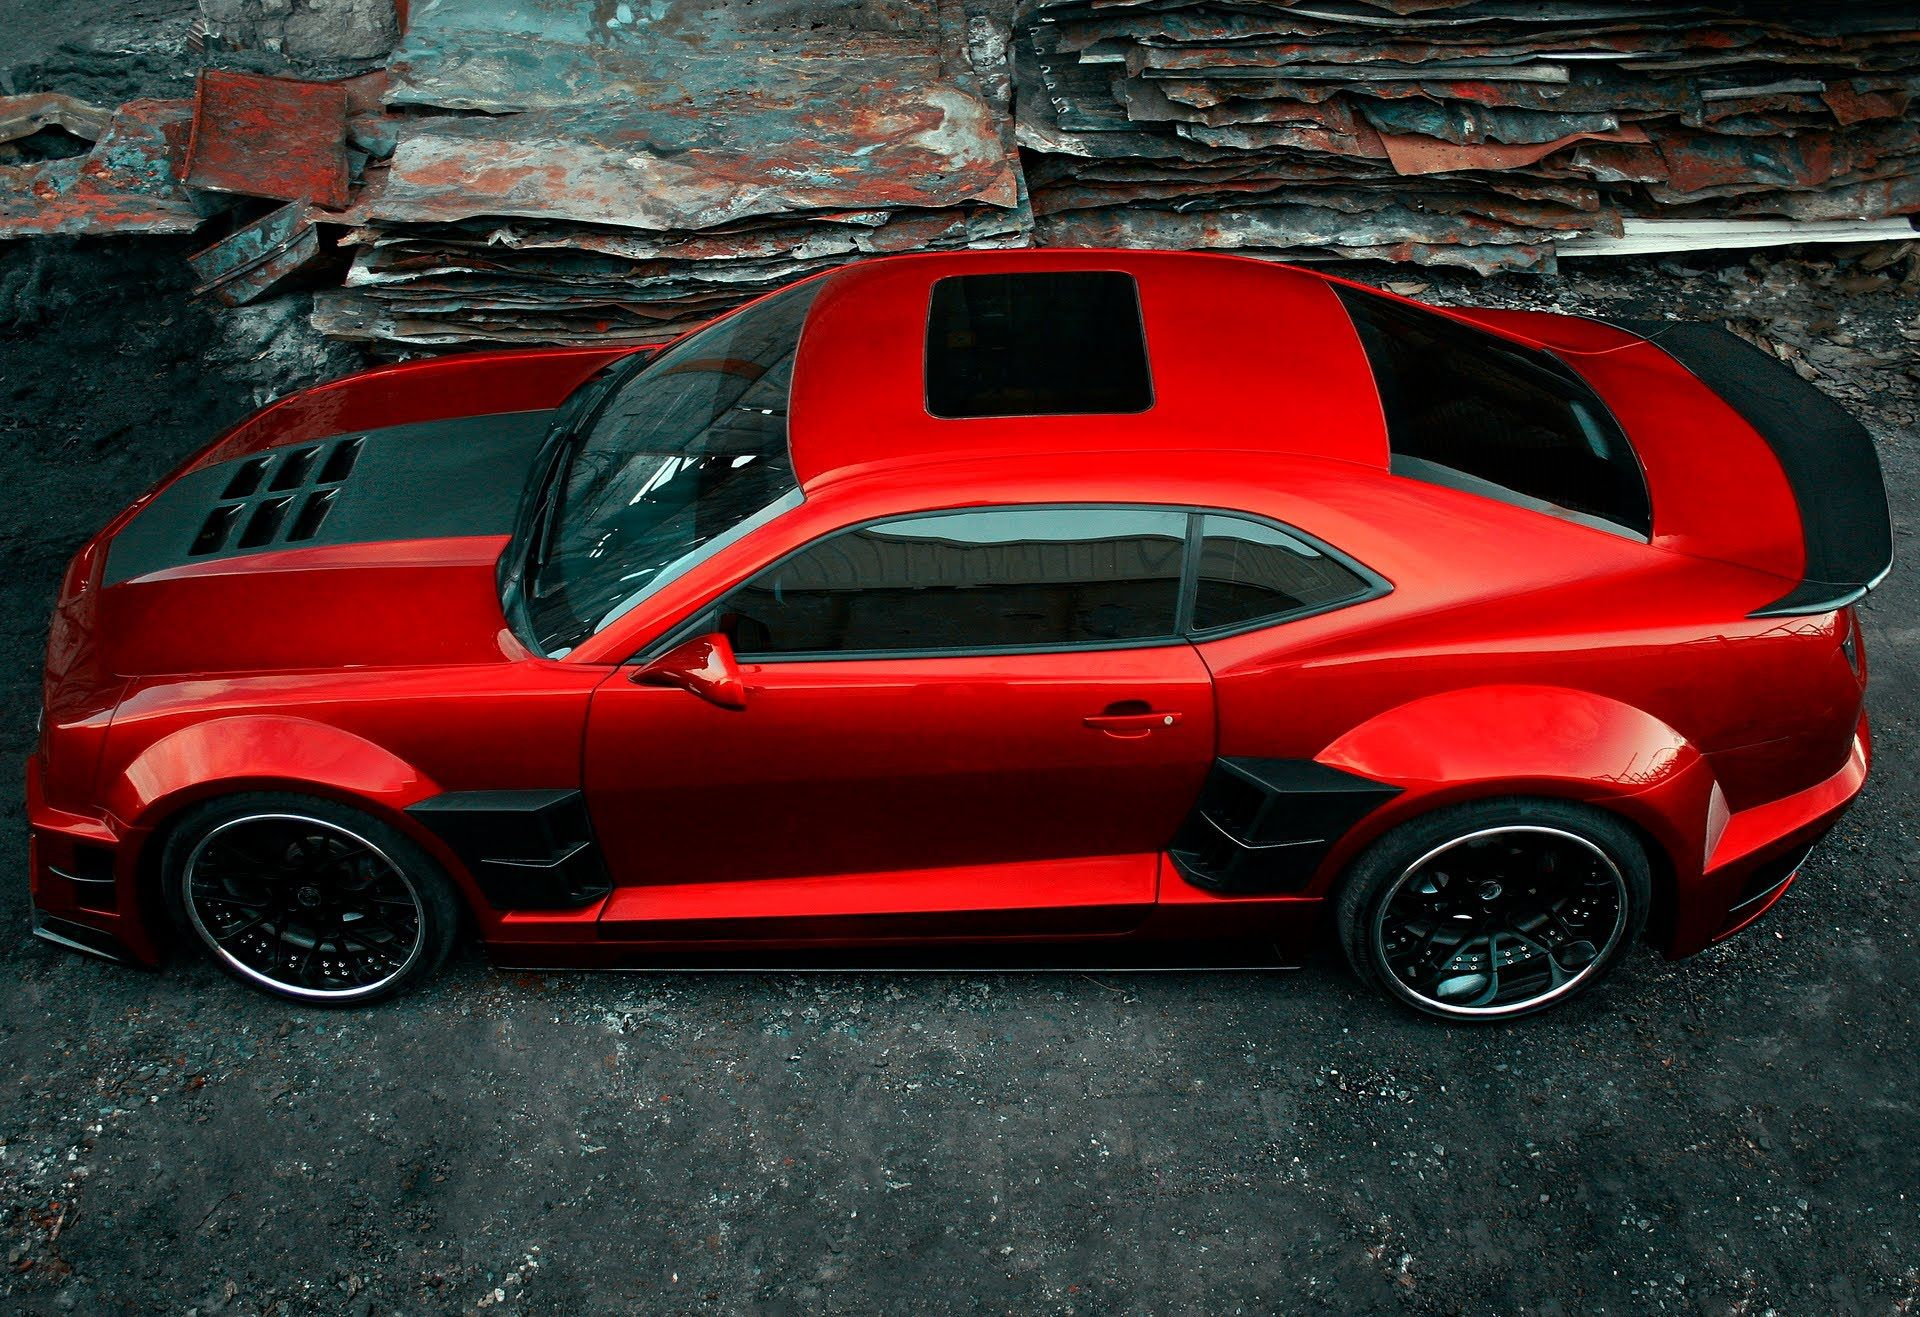 New 2015 Chevrolet Camaro Z28 wide Body vs Previous Model